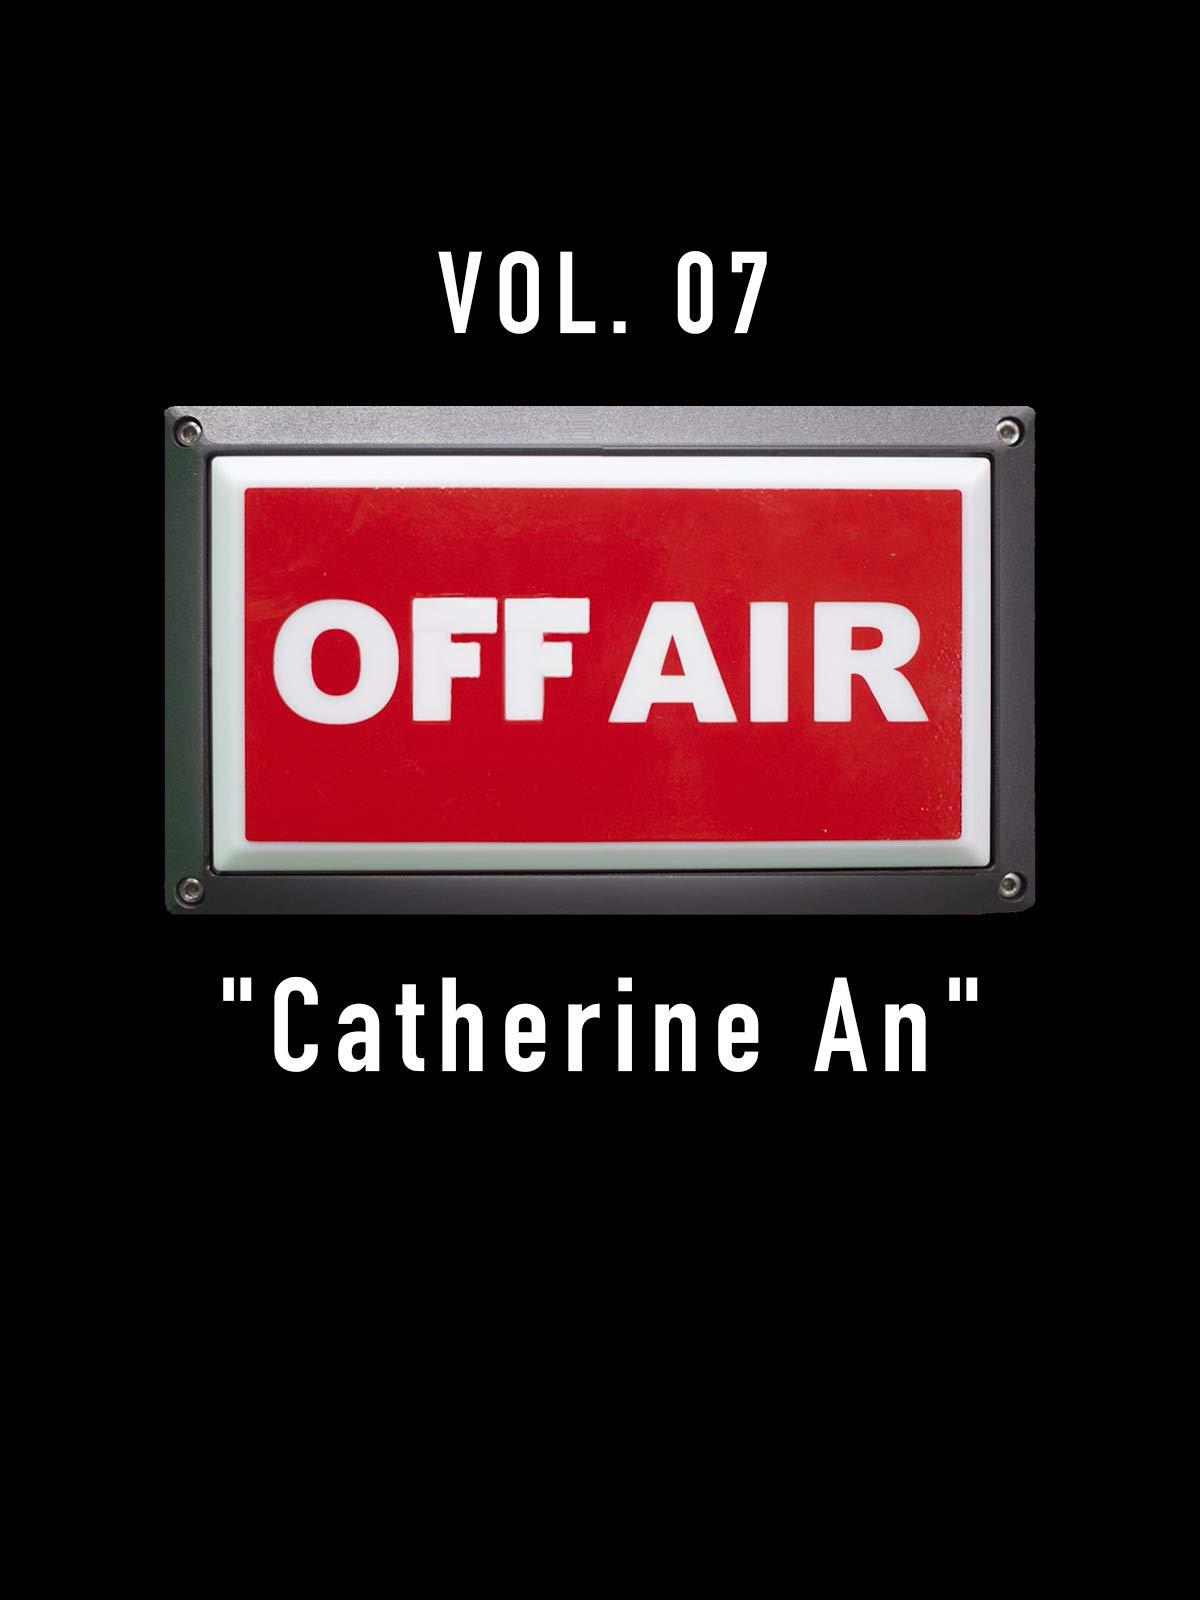 Off-Air Vol. 07